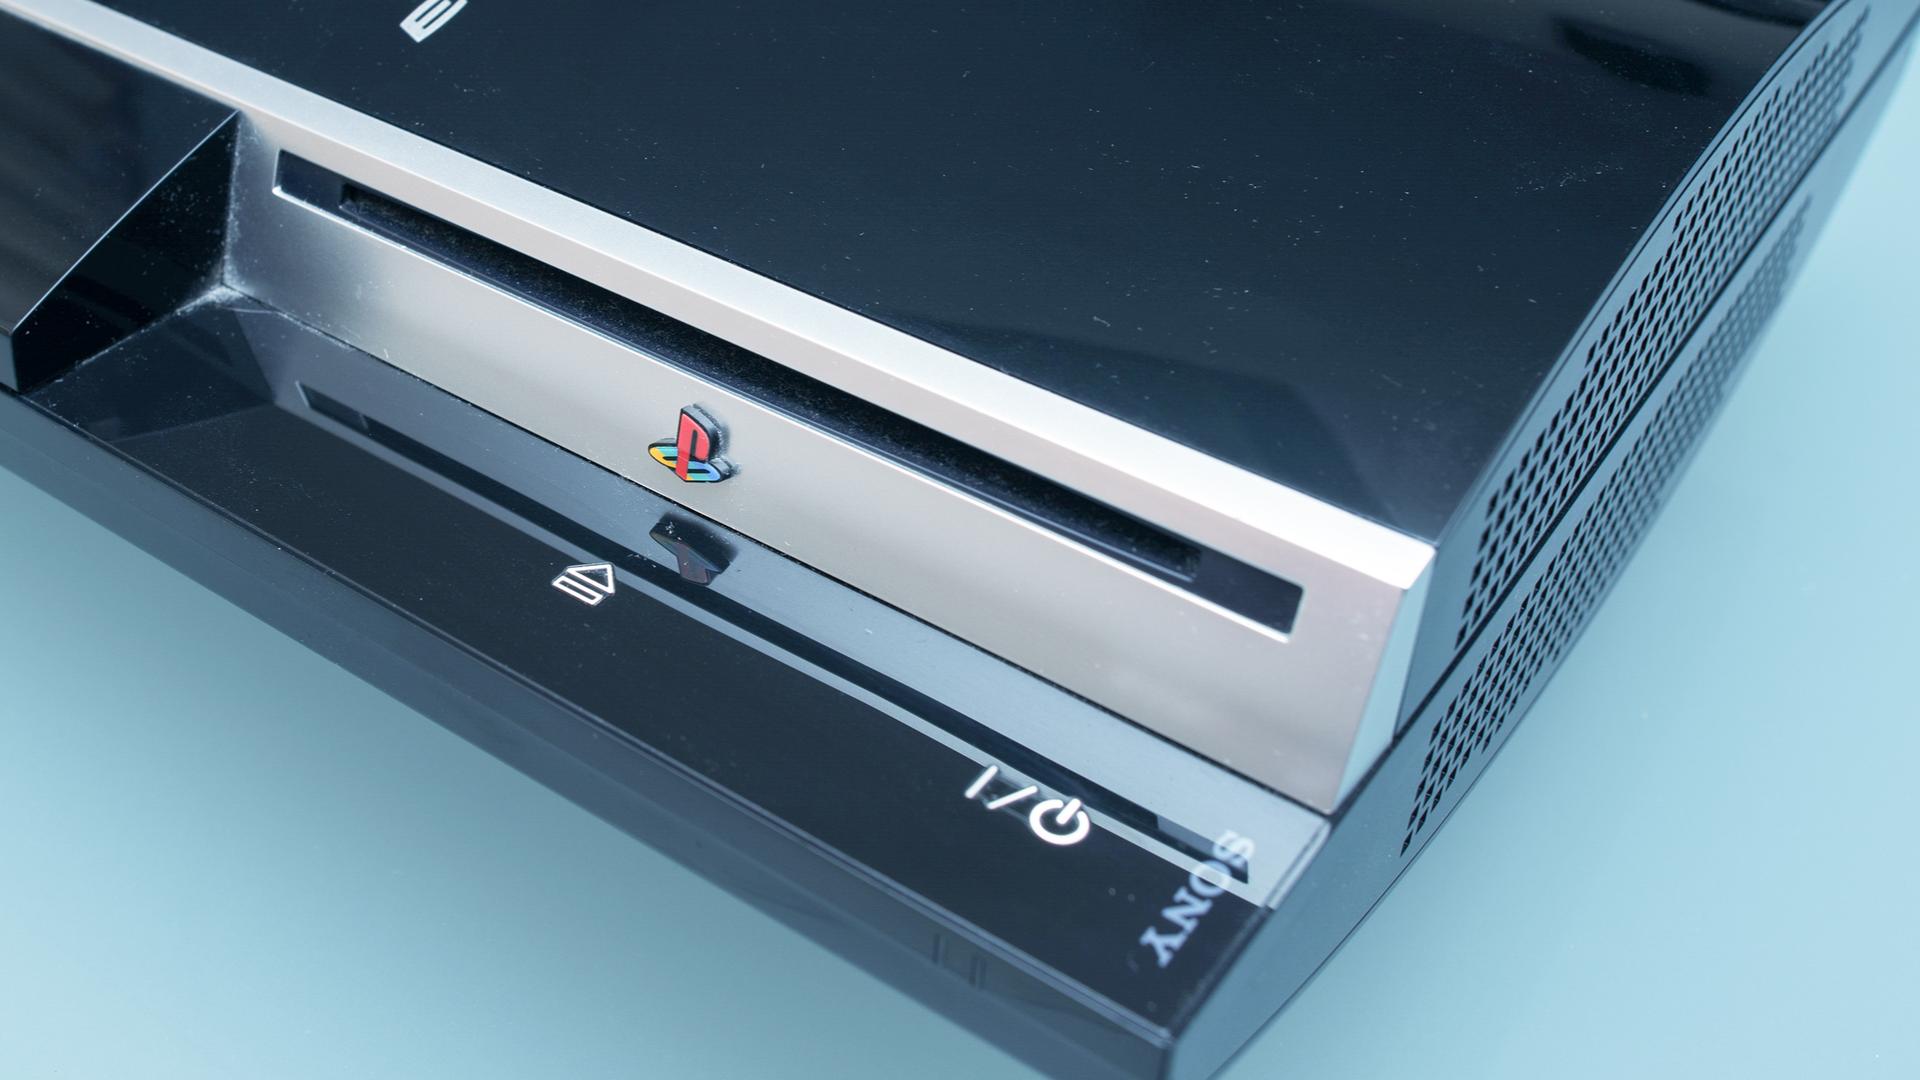 Playstation 3 passou a executar jogos em alta definição. (Foto: Shutterstock/pisaphotography)